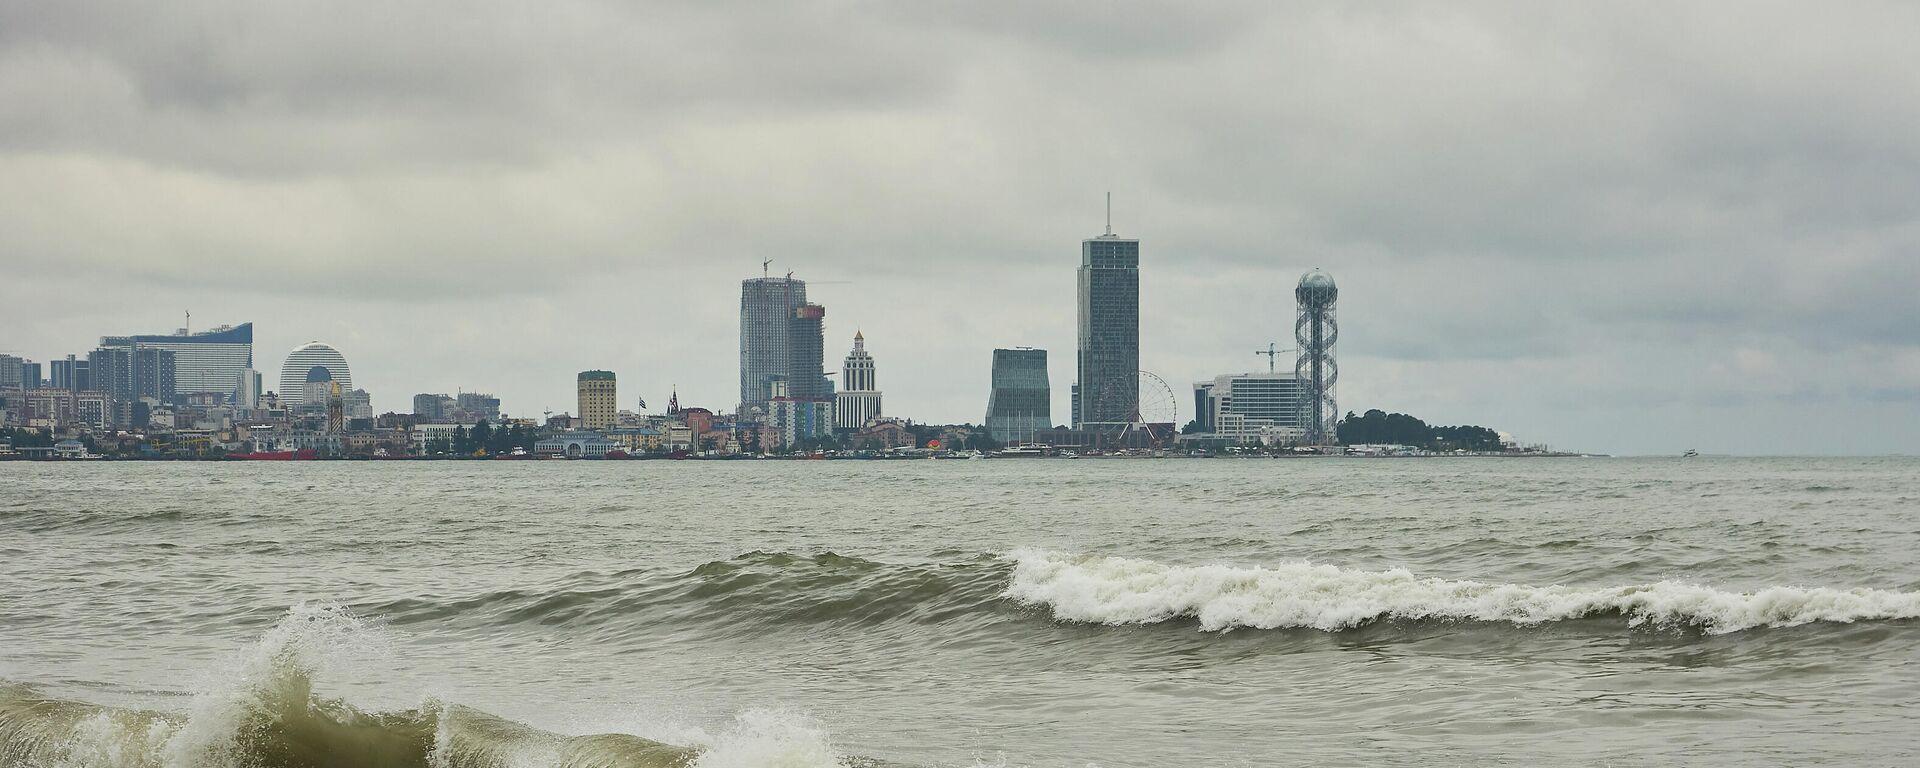 Черноморское побережье в плохую погоду - вид на город Батуми - Sputnik Грузия, 1920, 21.09.2021